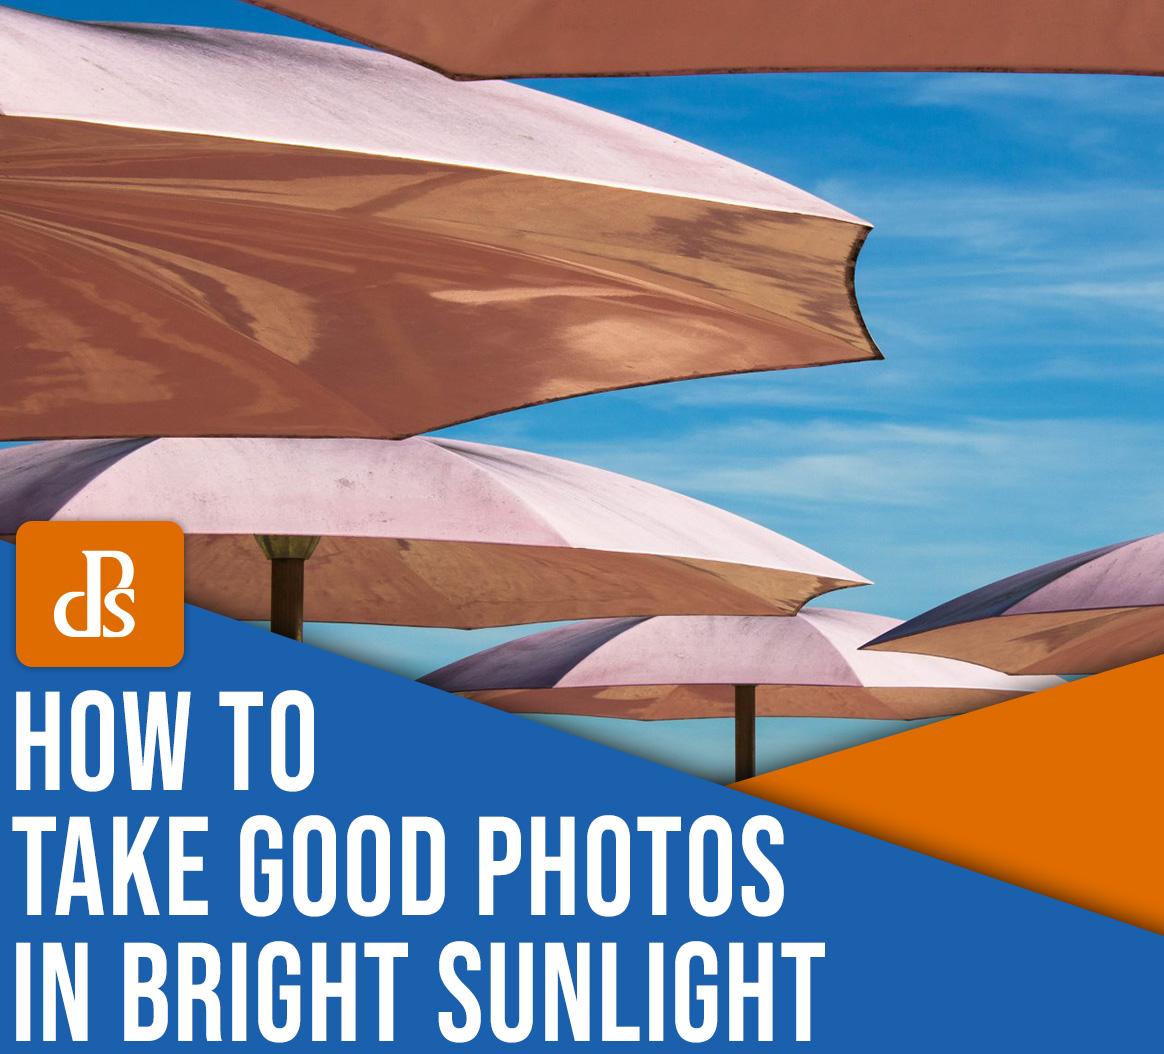 como tirar boas fotos sob a luz do sol